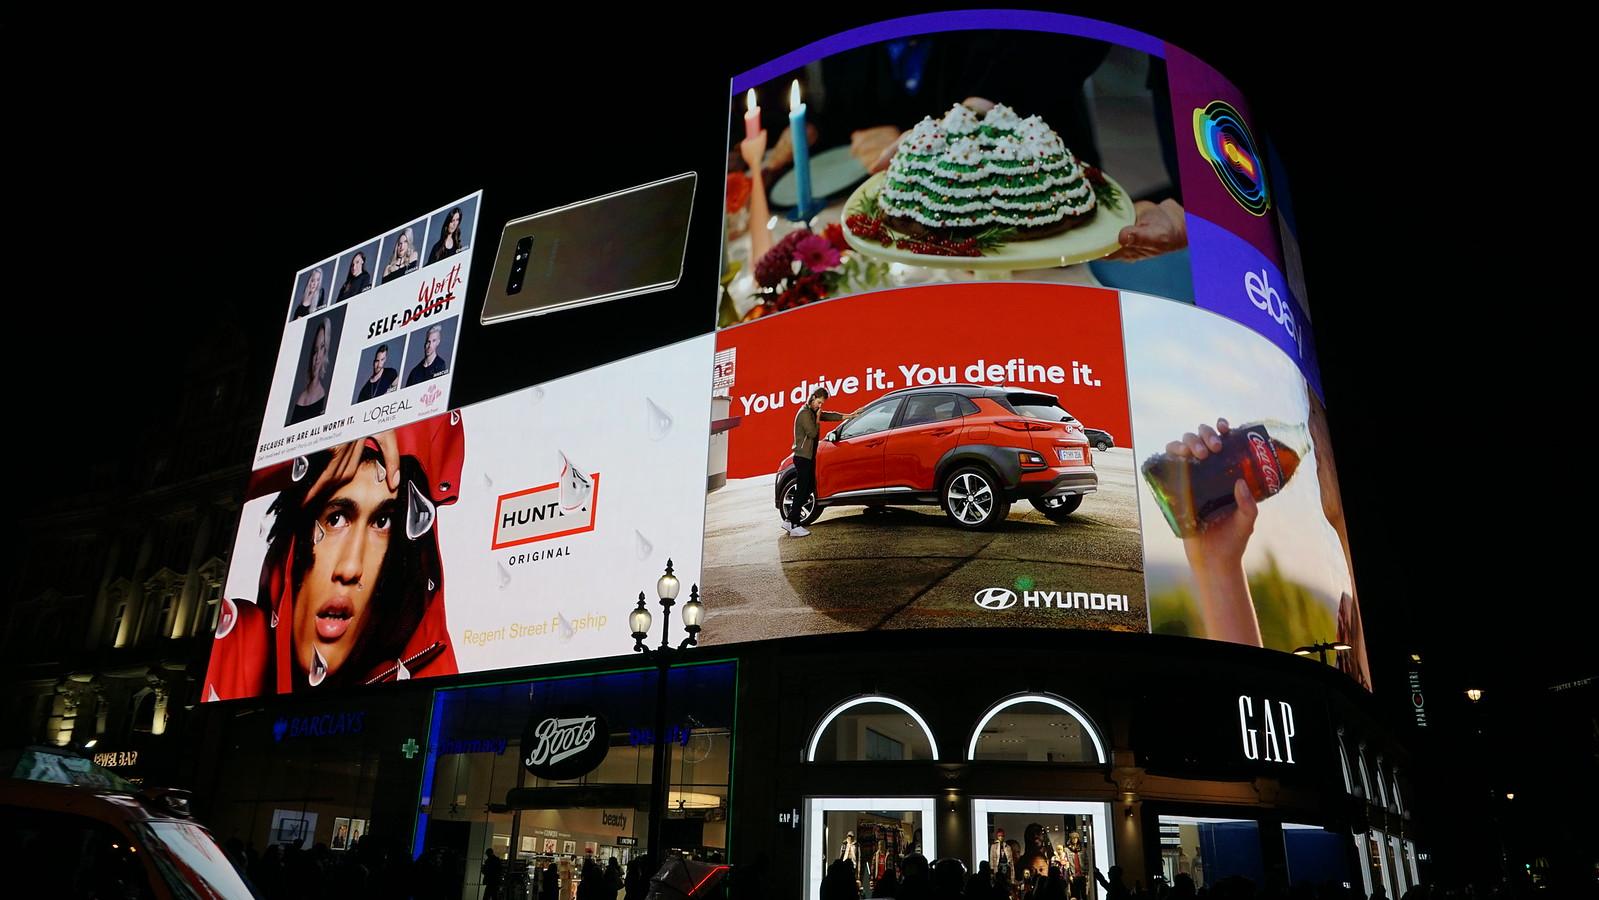 Londres por partes (I) en Nuestros reportajes40104529052_cf26054b37_h